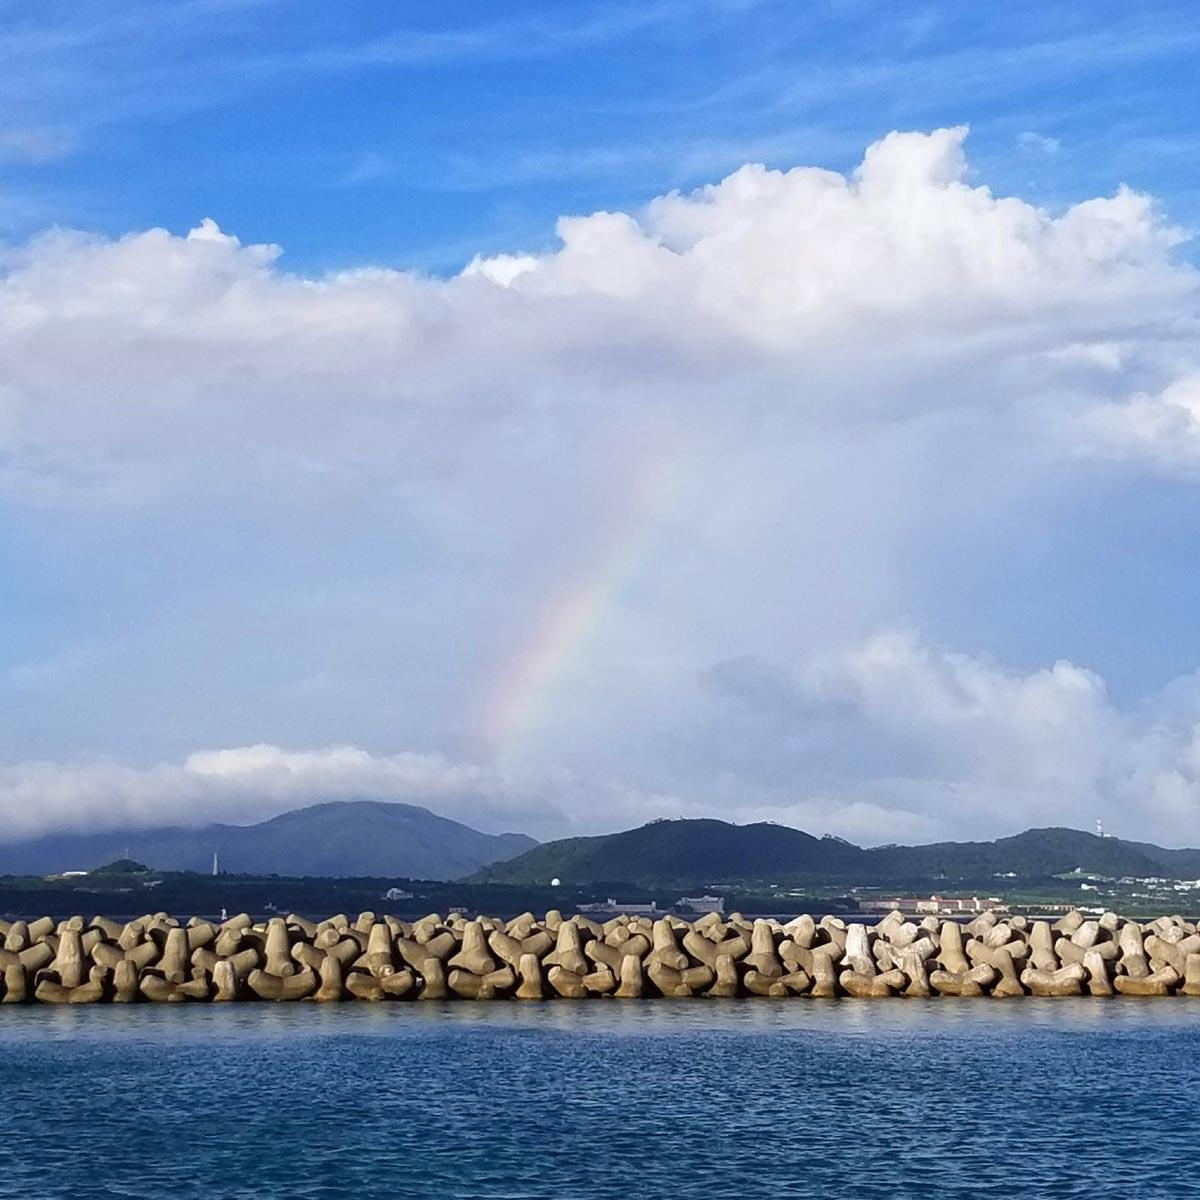 石垣島上空に虹